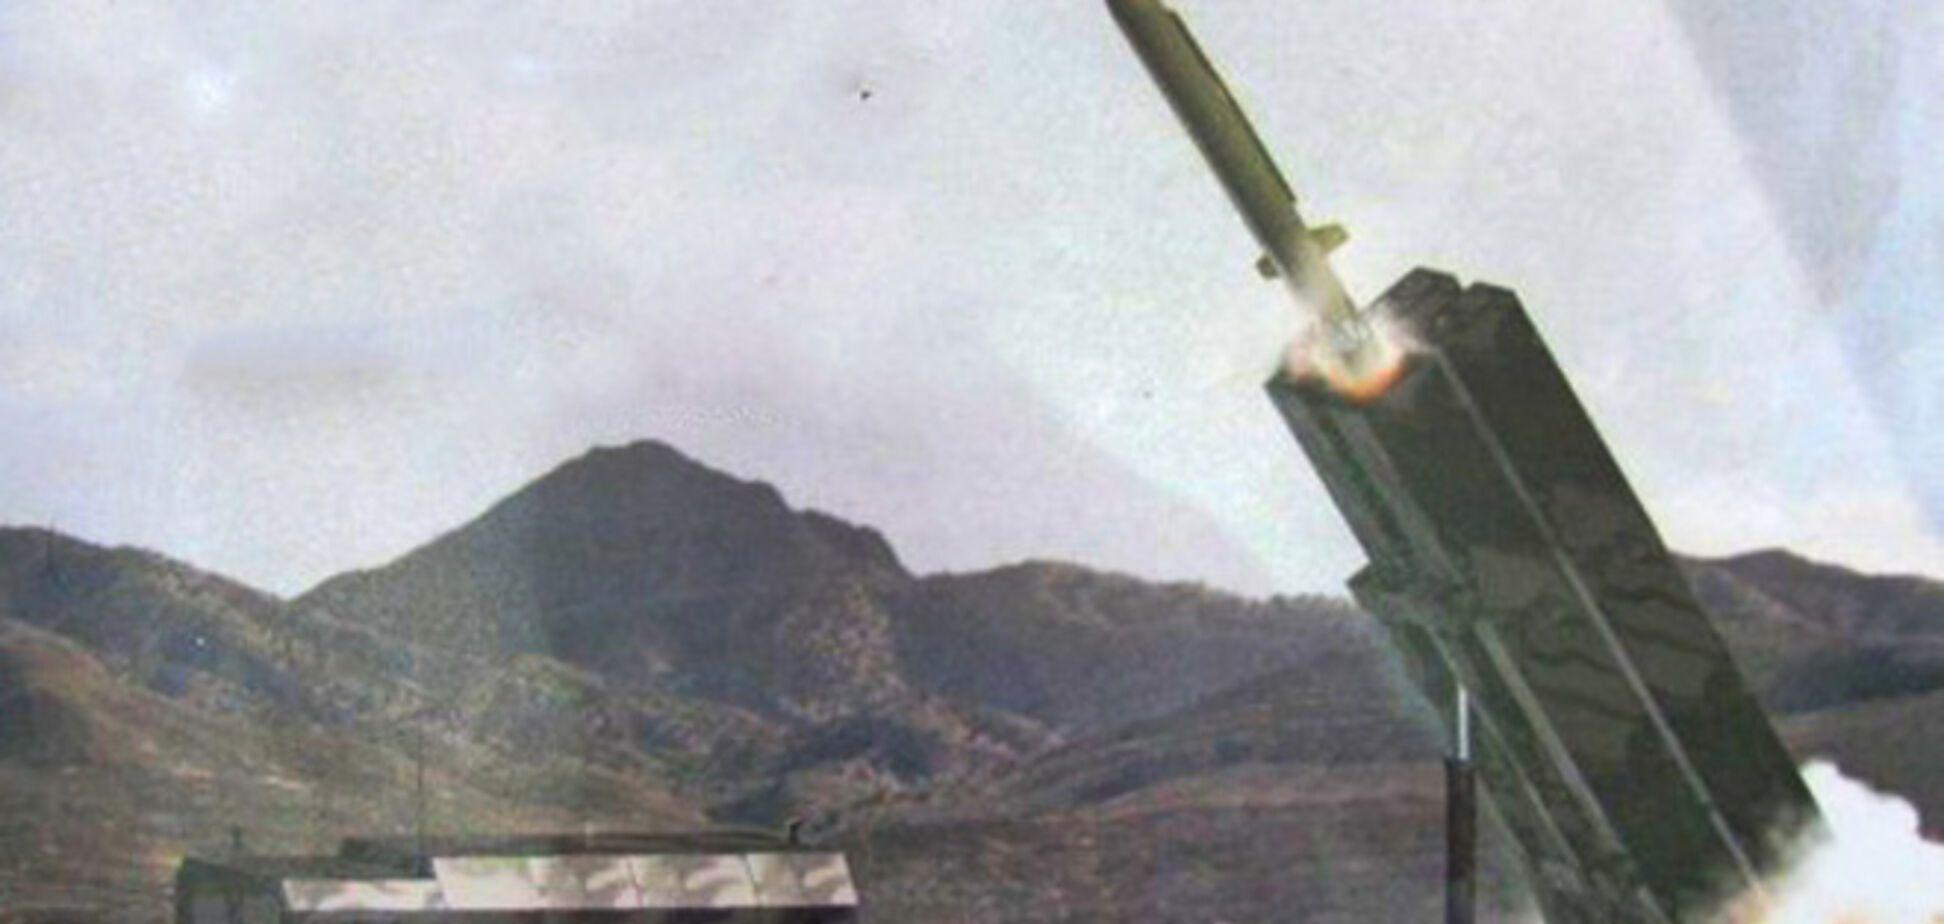 'Южмаш' разработал ракетный комплекс 'Коршун-2' круче российского 'Искандера'